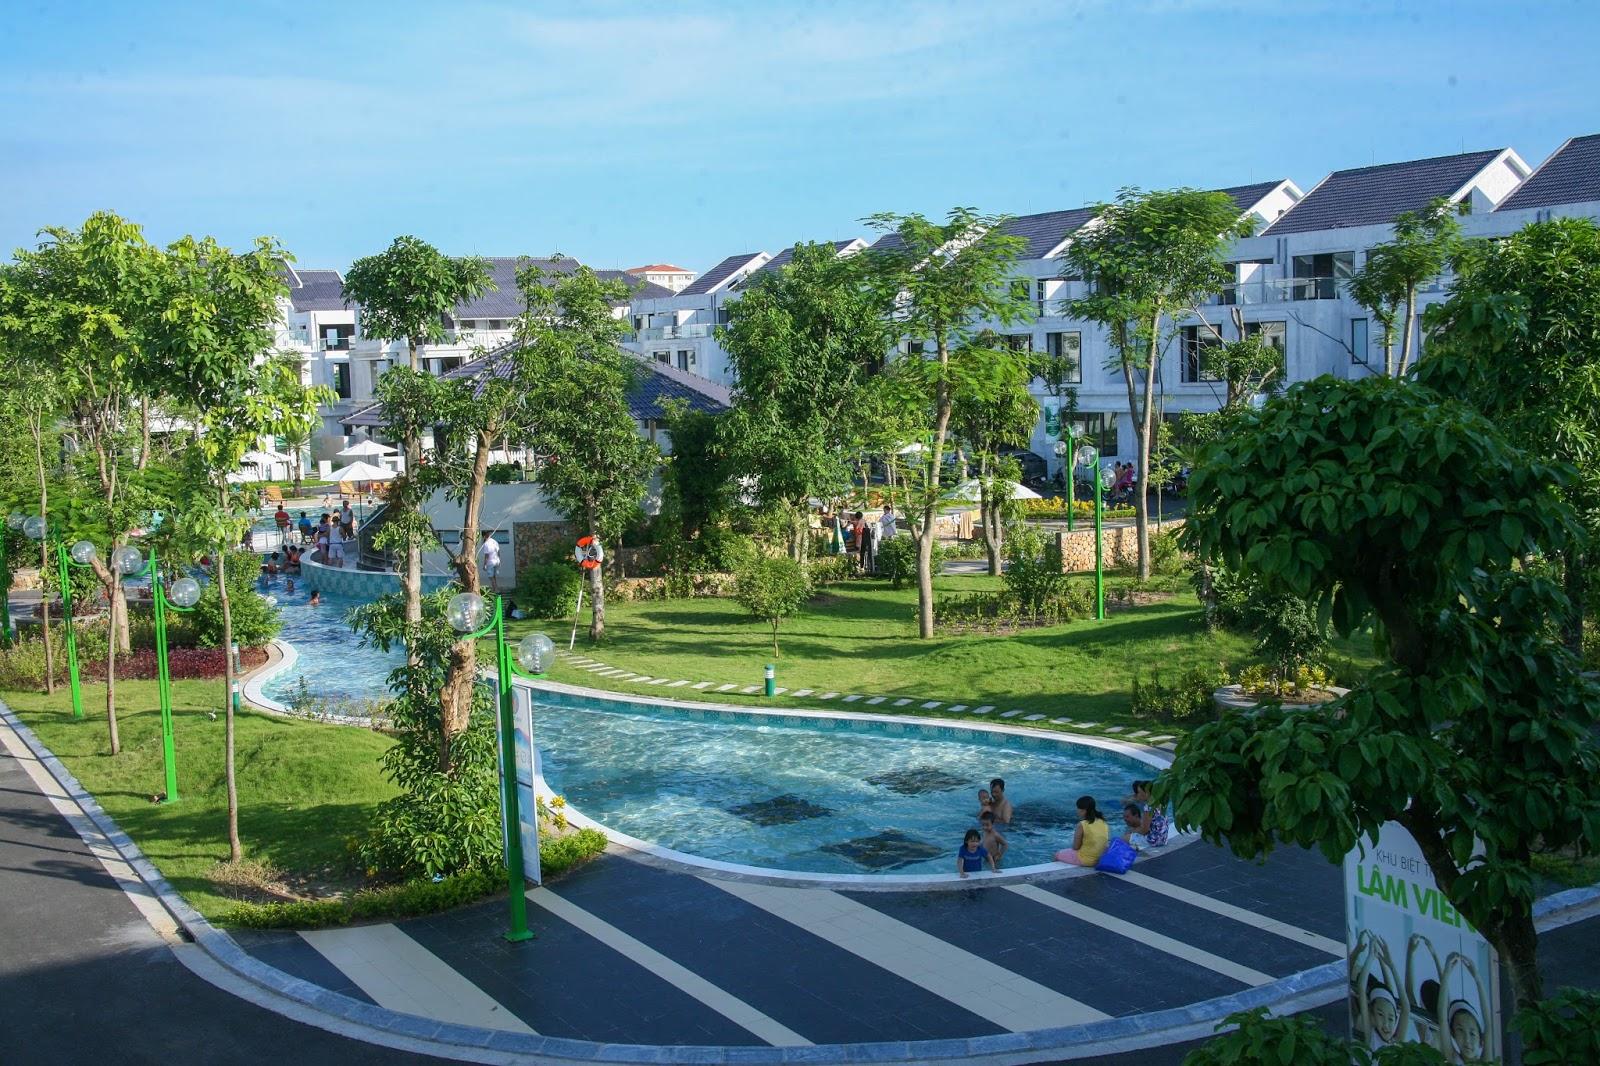 Thành phố xanh, hiện đại tại Chung cư Phú Mỹ Ngoại Giao Đoàn